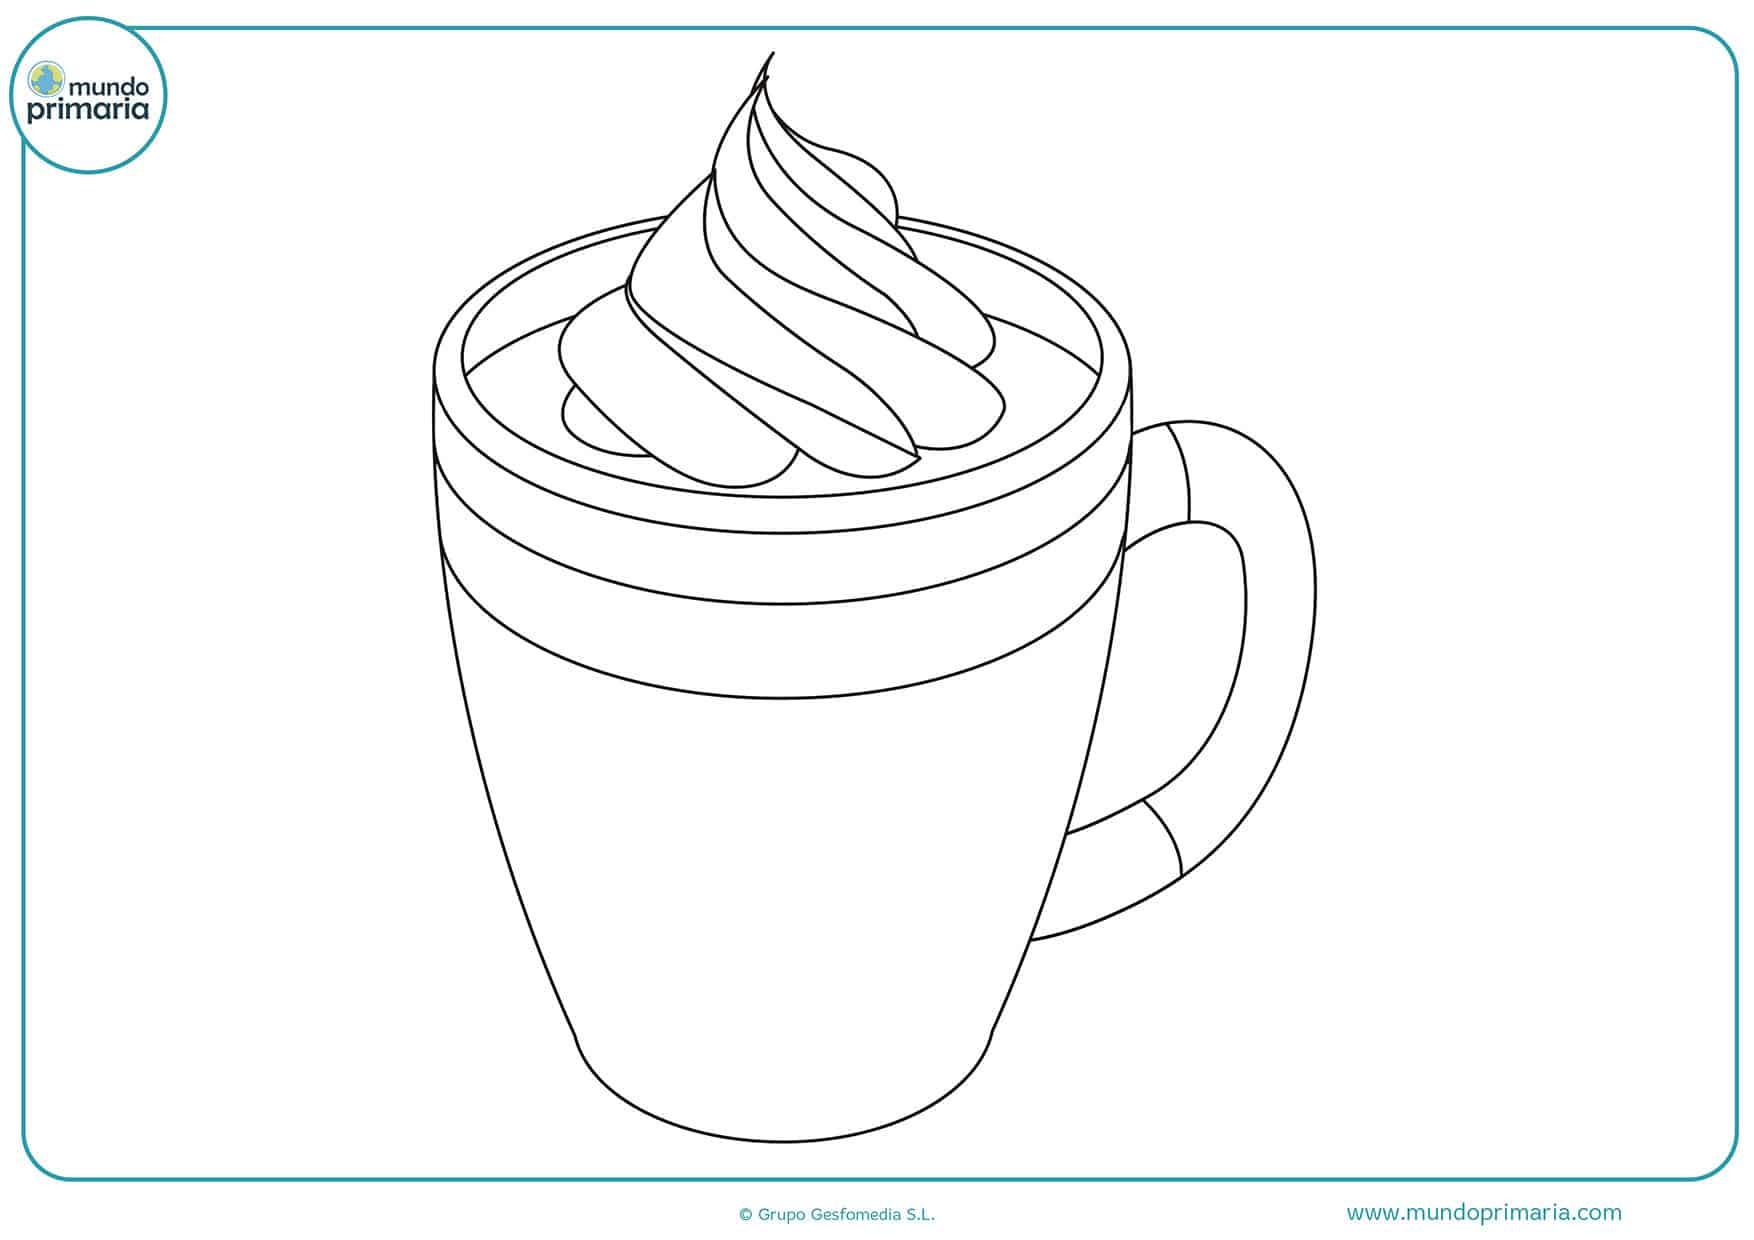 Colorear dibujos bebidas gratis